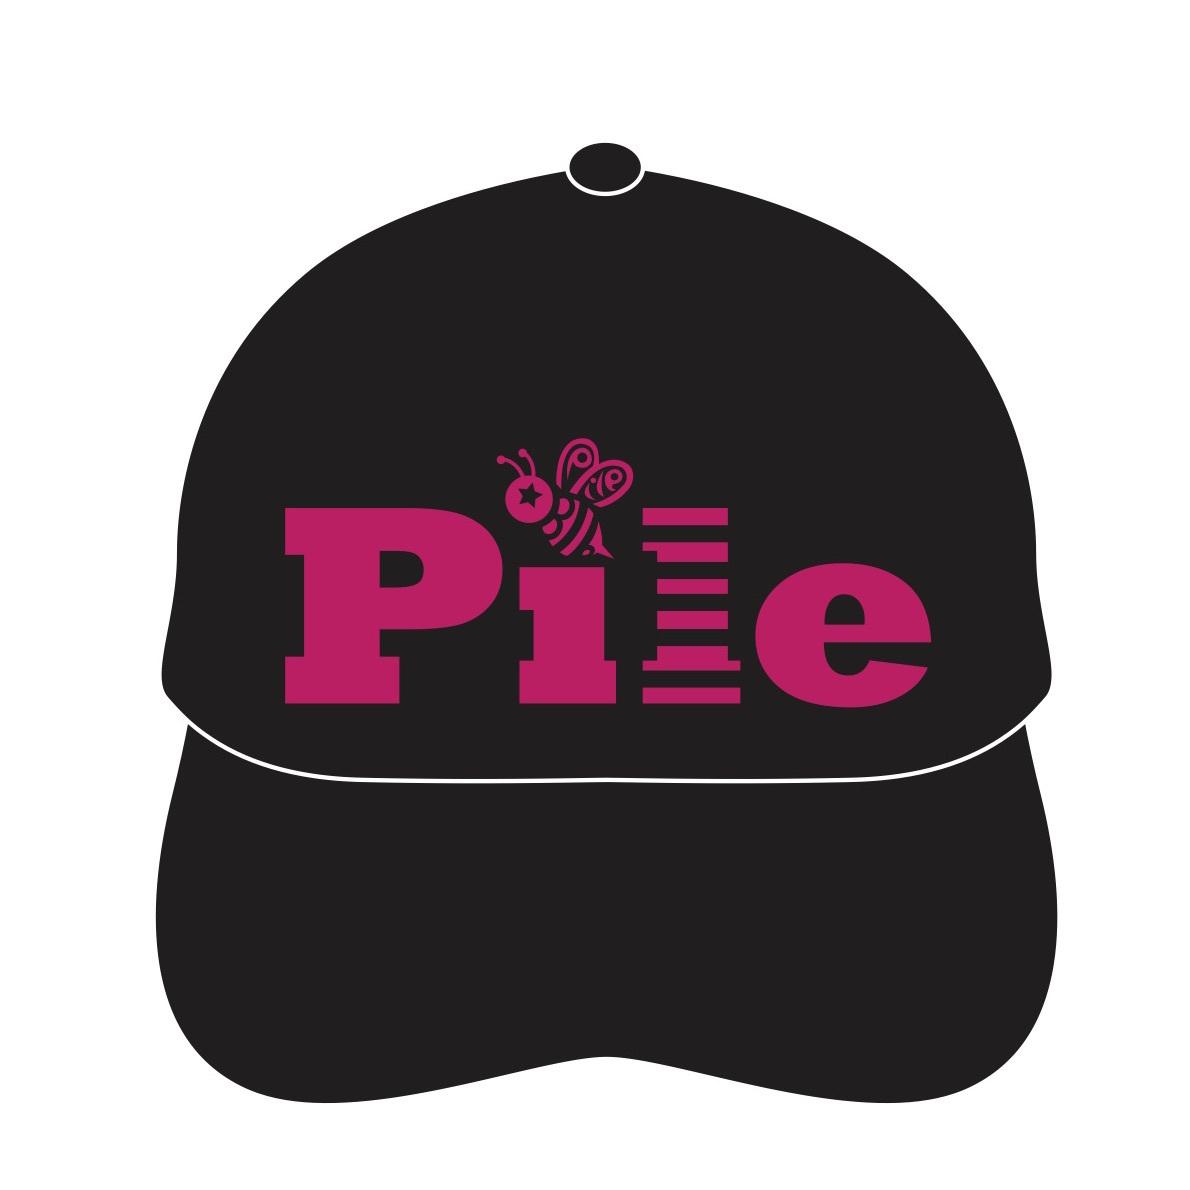 Content_pile_new%e3%83%86%e3%82%99%e3%82%b5%e3%82%99%e3%82%a4%e3%83%b3_%e3%83%a1%e3%83%83%e3%82%b7%e3%83%a5%e3%82%ad%e3%83%a3%e3%83%83%e3%83%95%e3%82%9a_pink_